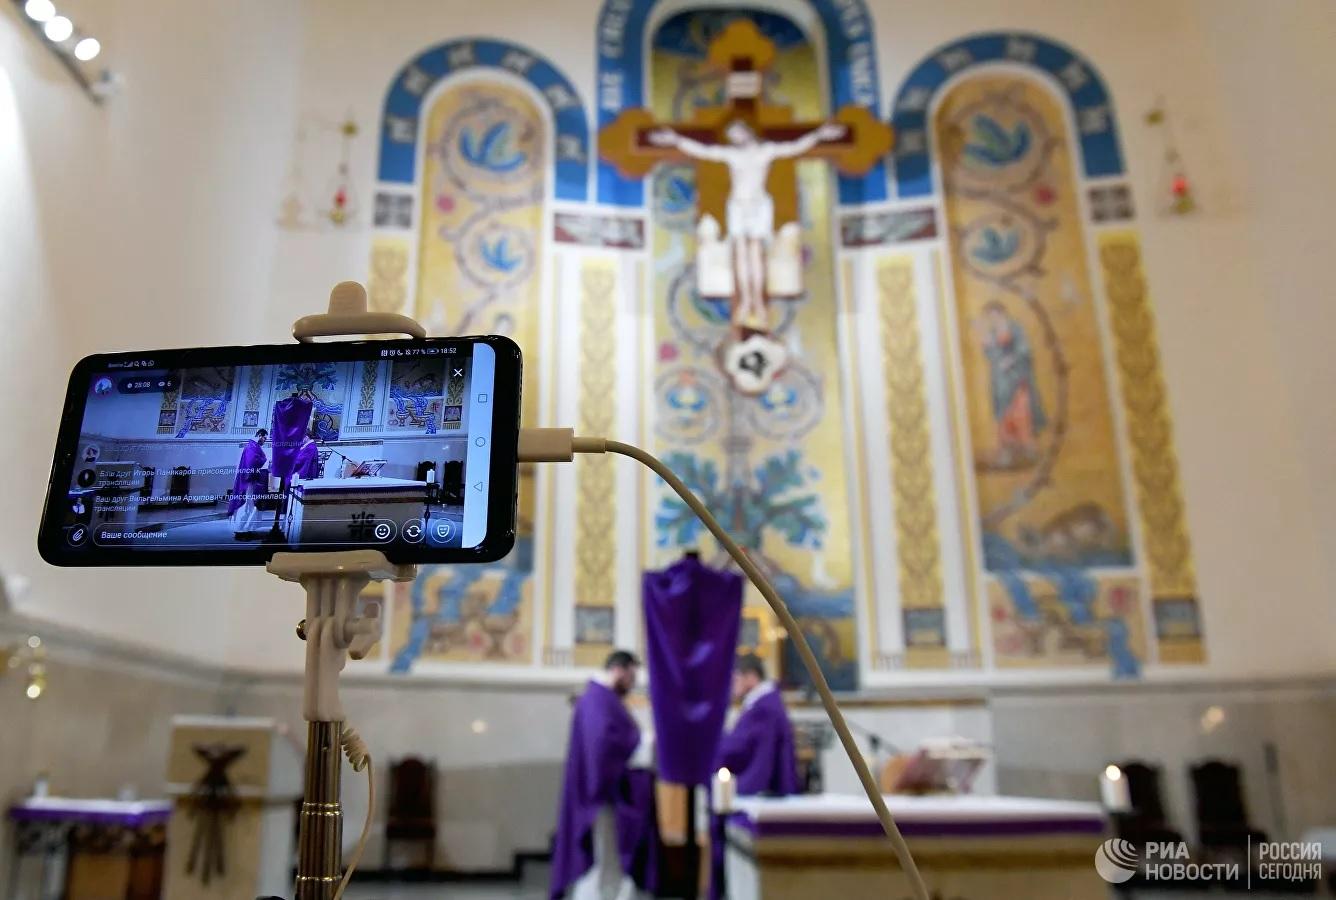 Методистская Церковь разрешила онлайн-причастие - а как в России